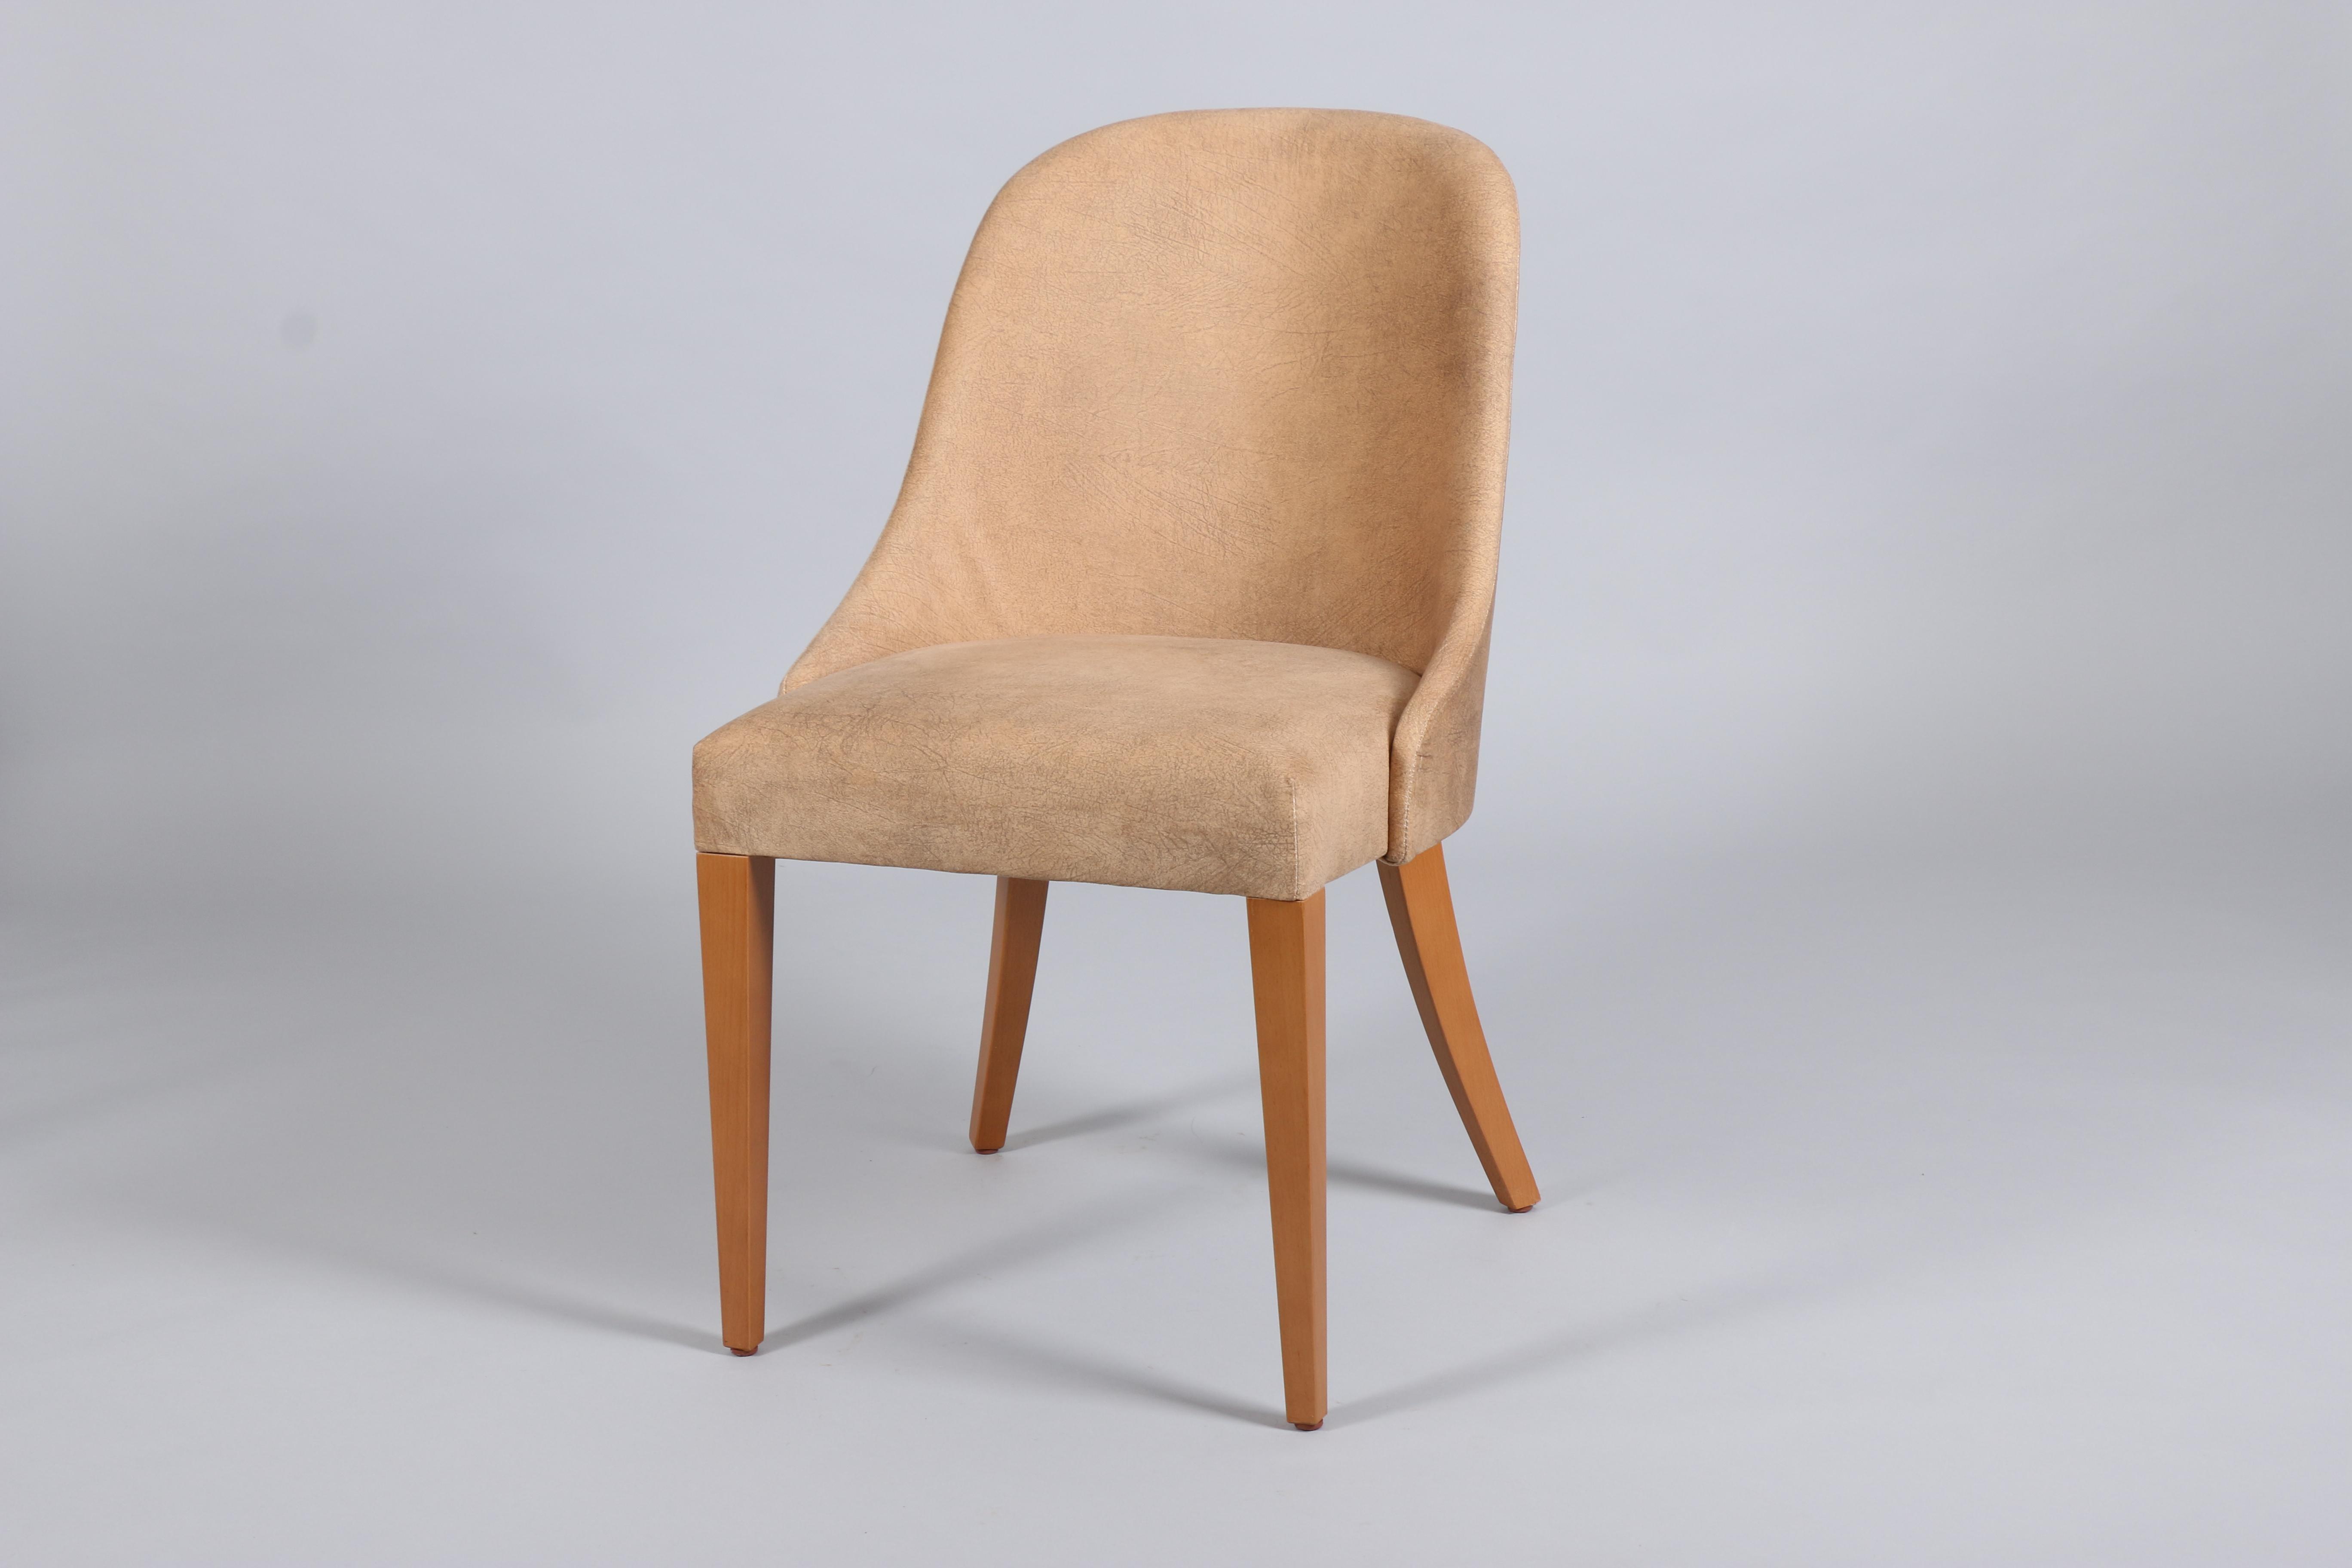 бежов дървен стол Секин